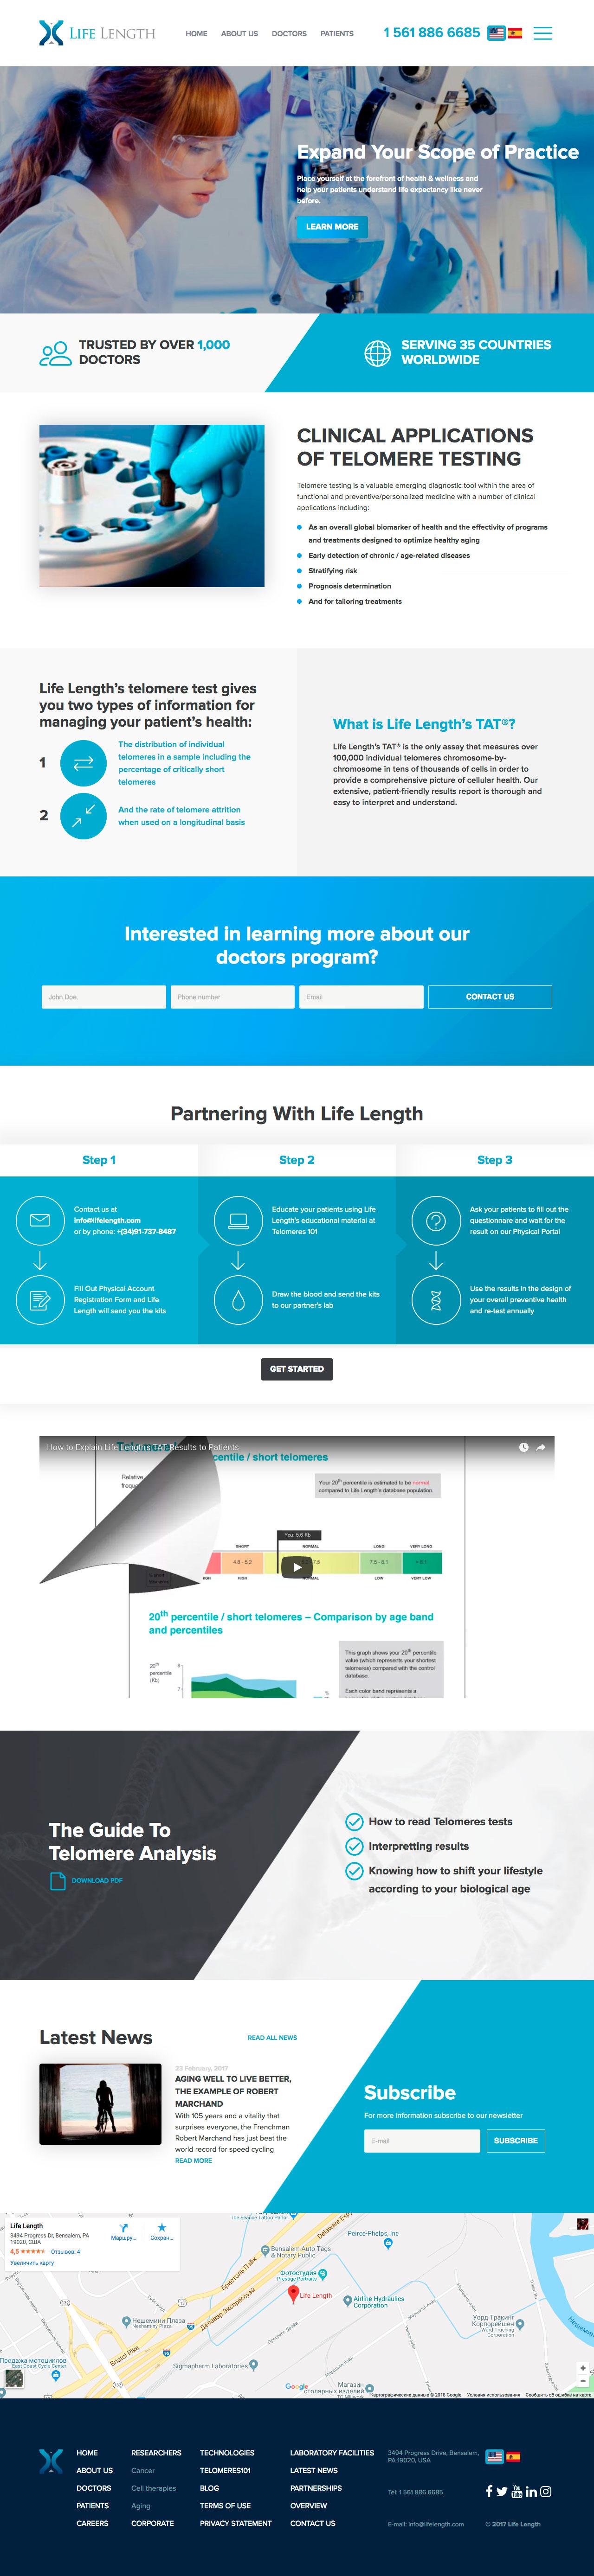 Life Length Image